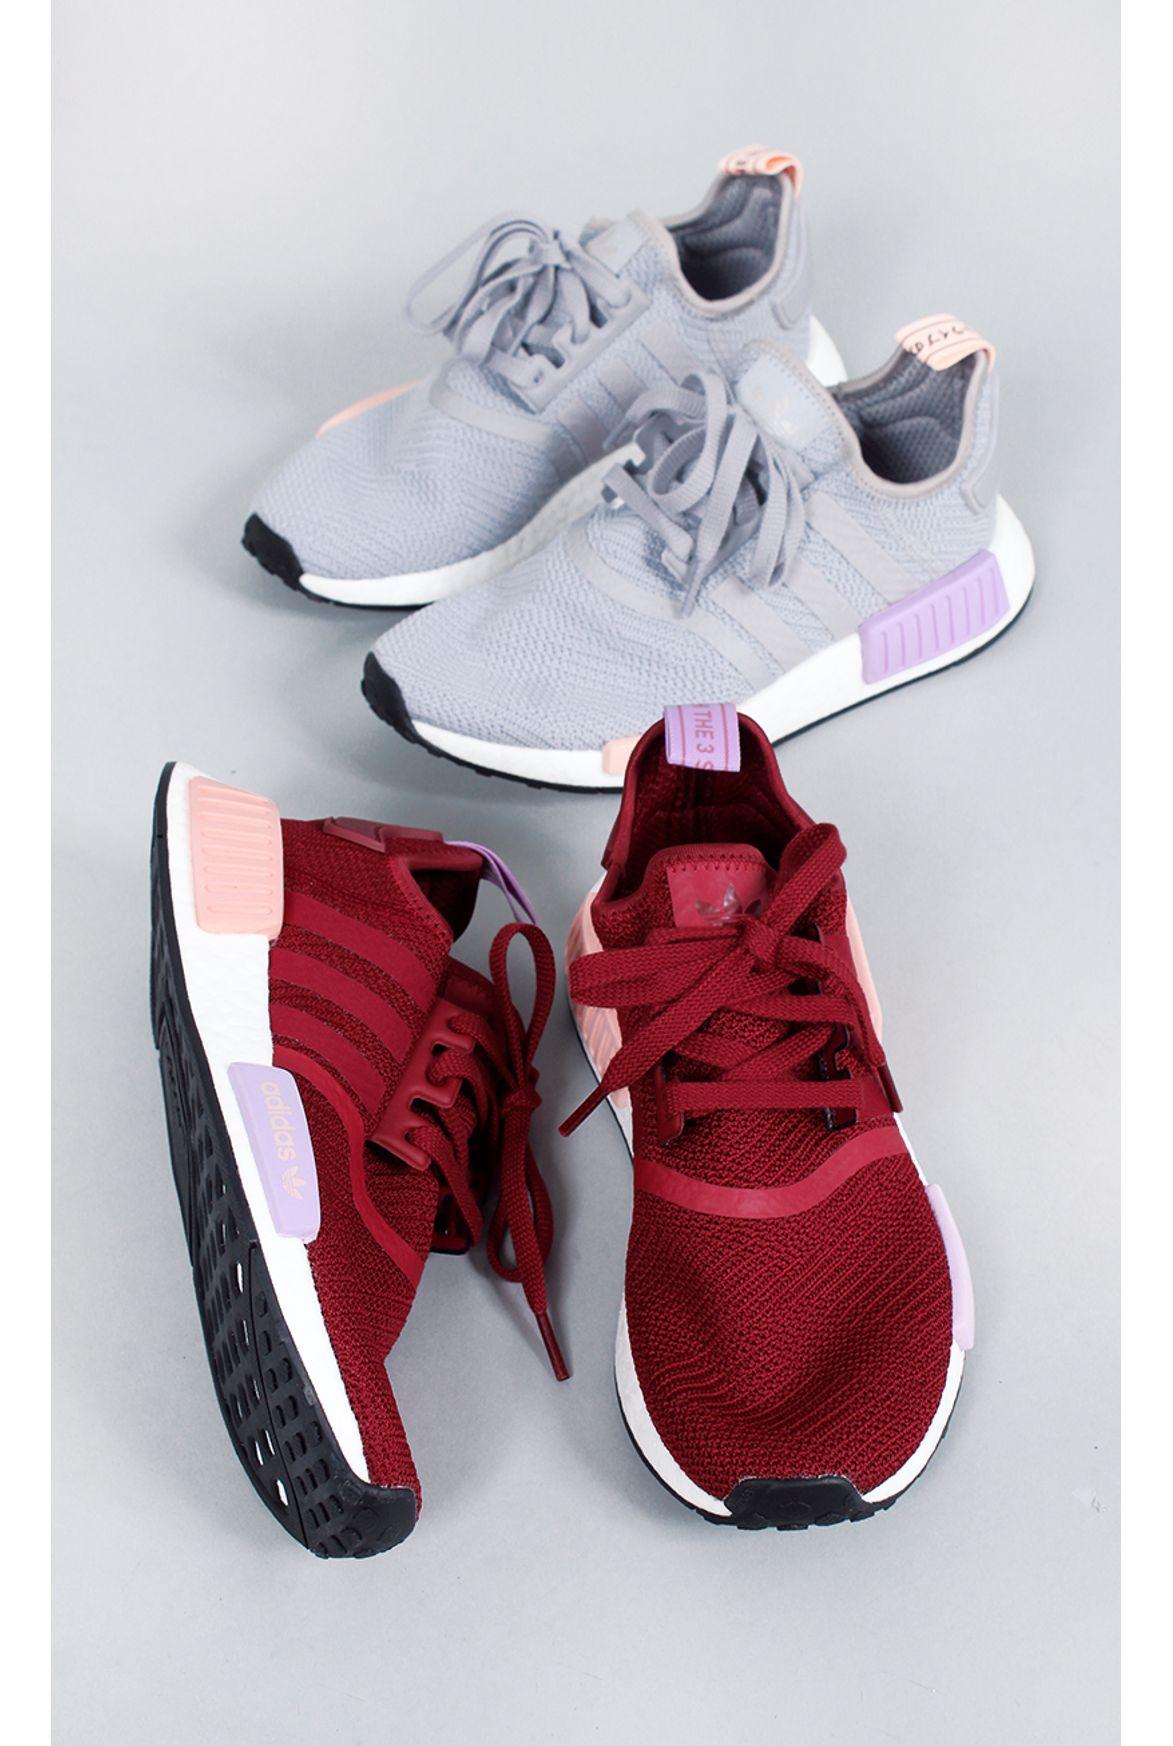 6cec2b39c Fashion Closet · ROUPAS · CALÇADOS. Previous. tenis-adidas-nmd-r1-w-burgundy